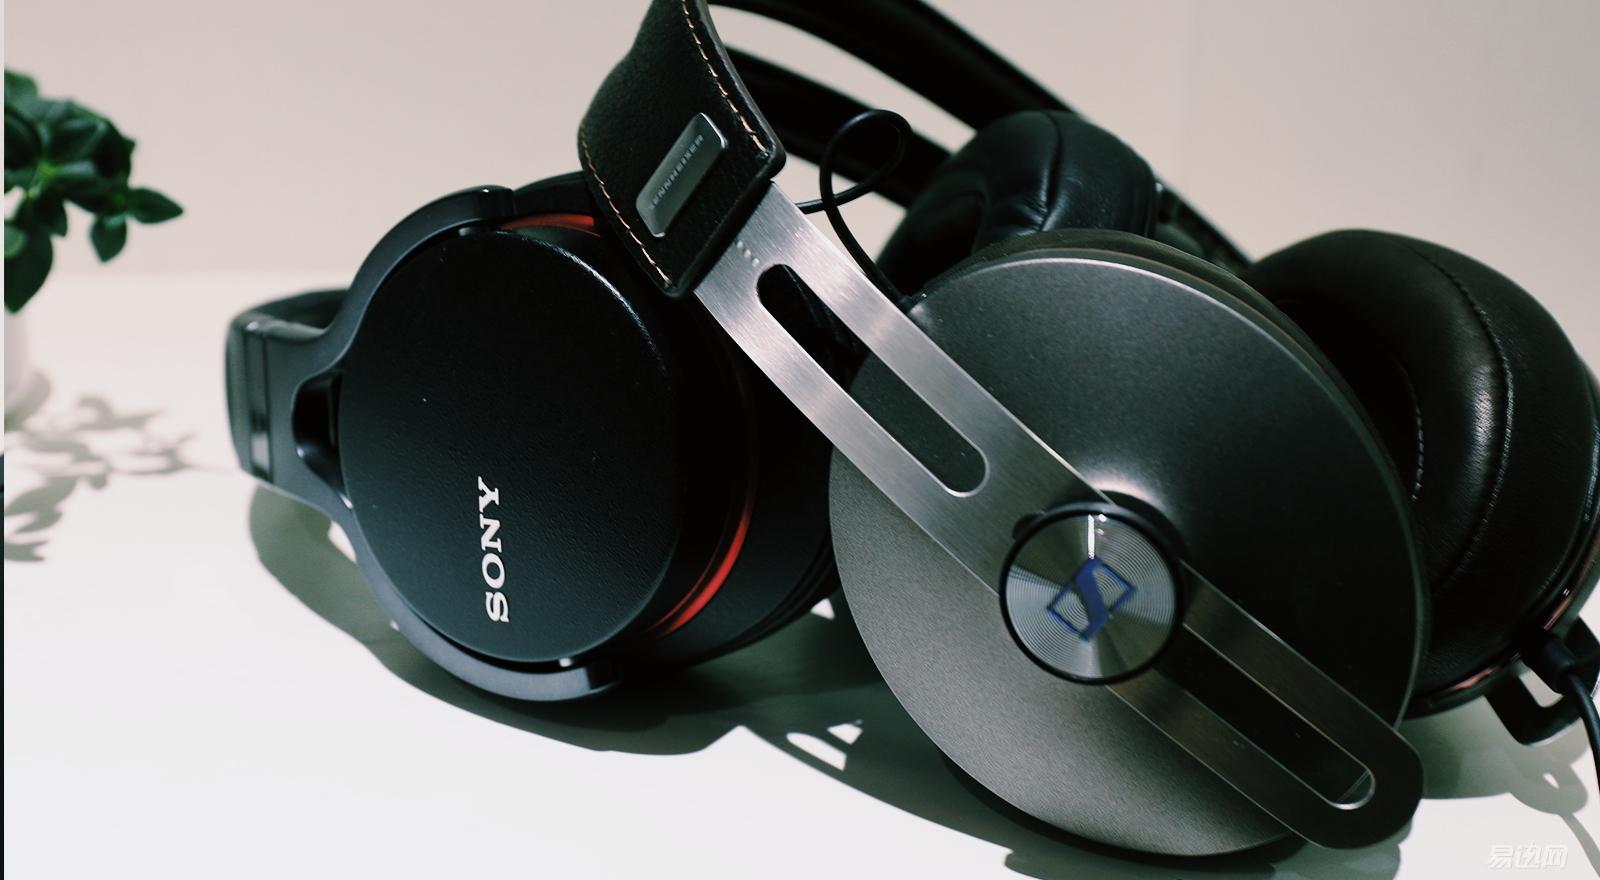 听节奏感强的音乐,用森海塞尔mx360,mx760好,还是索尼耳机好(推荐一些